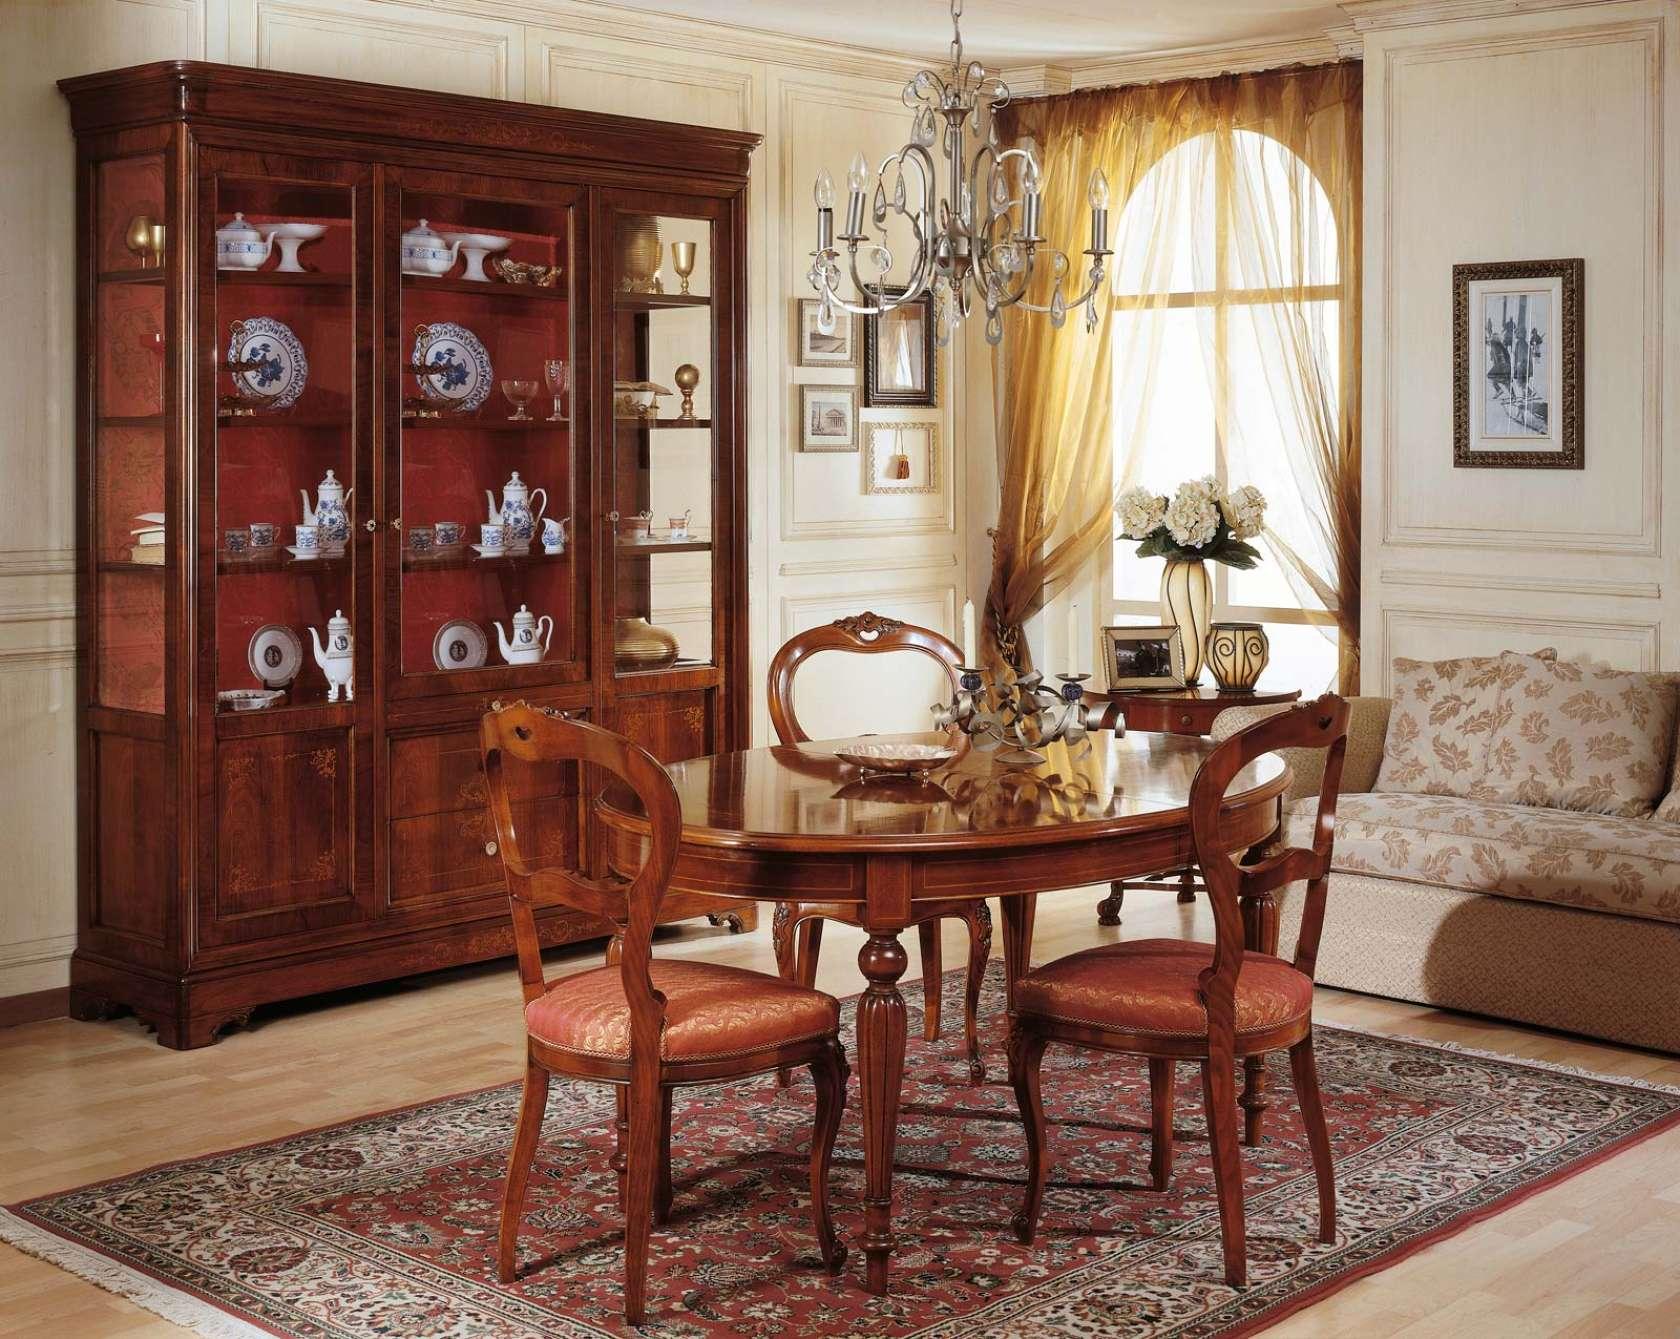 Mobili Sala Da Pranzo Classica. Mobili Della Sala Da Pranzo Dining ...